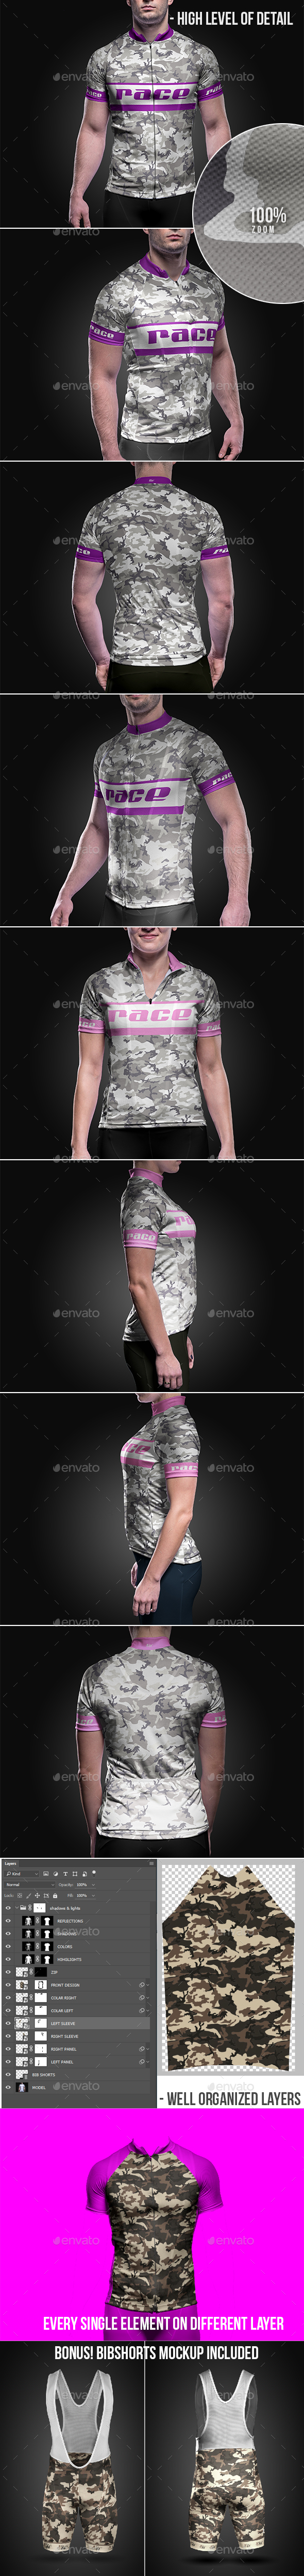 Cycling Wear Mega Mockup Collection - T-shirts Apparel